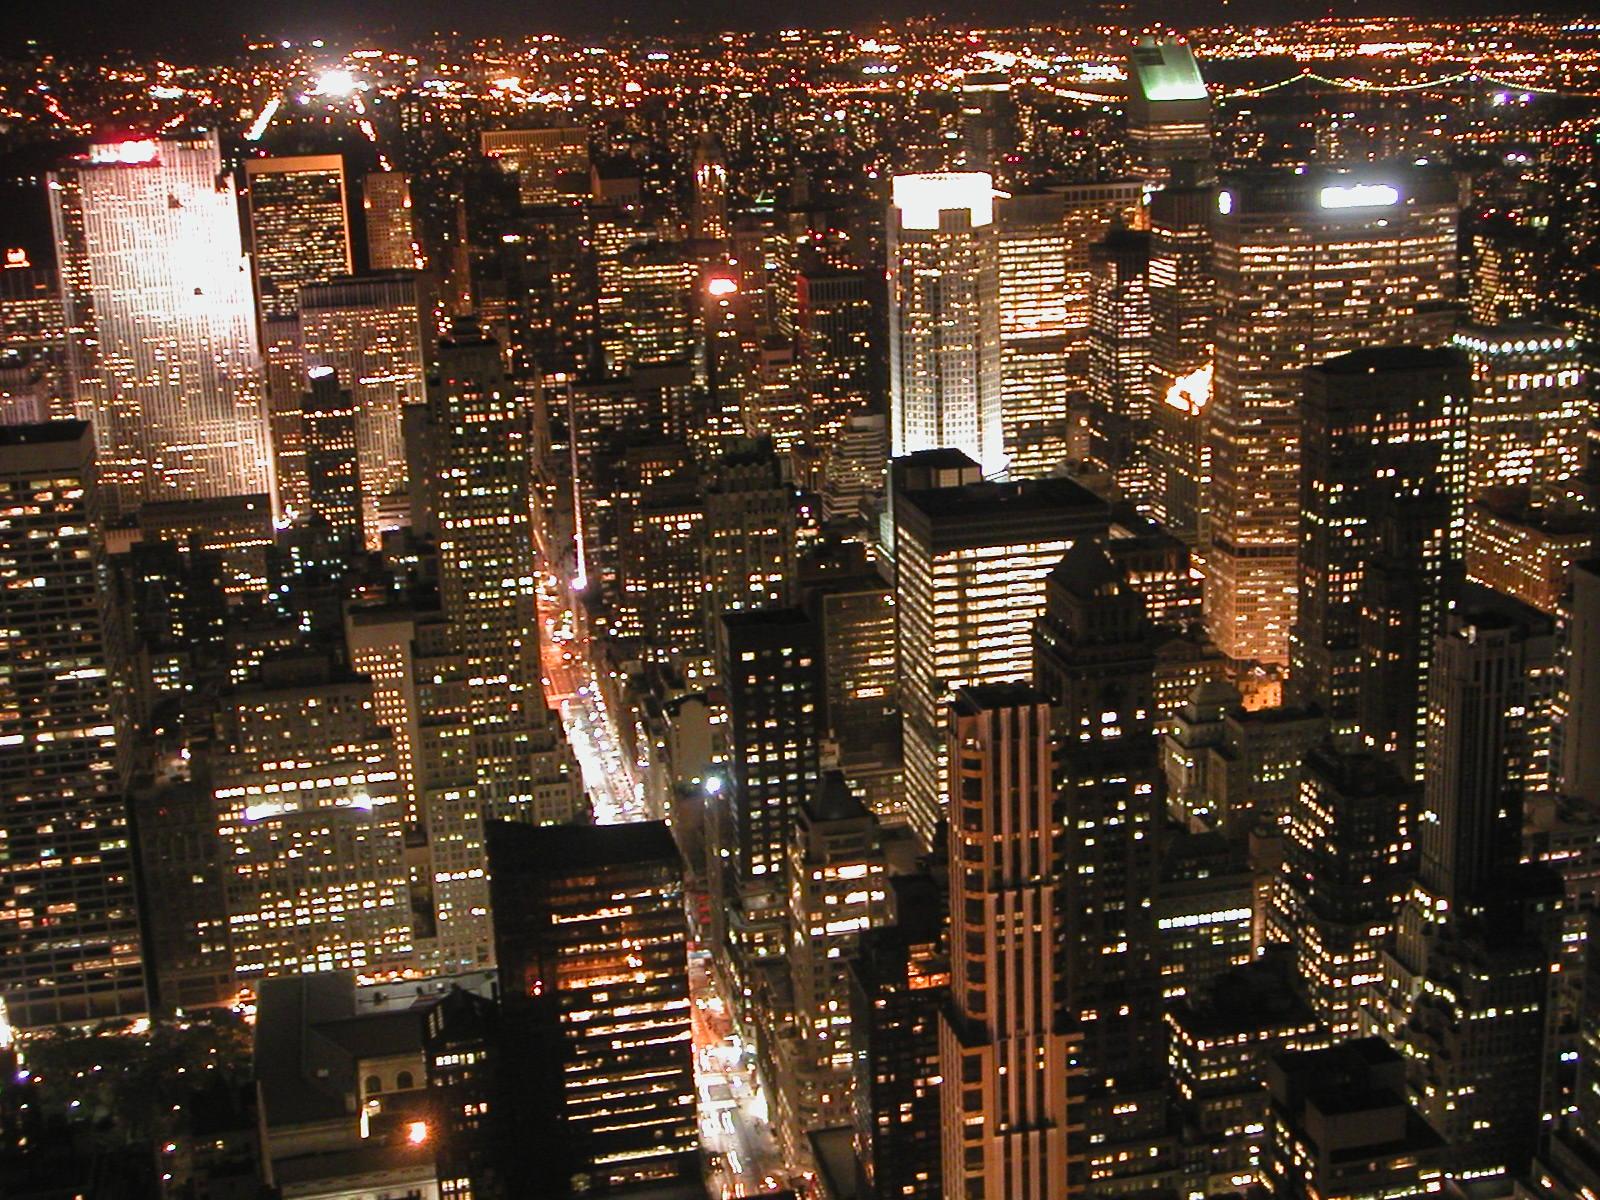 Nueva York, desde el Empire State Building, en 2004. Imagen: bizior. Fuente: Free Images.